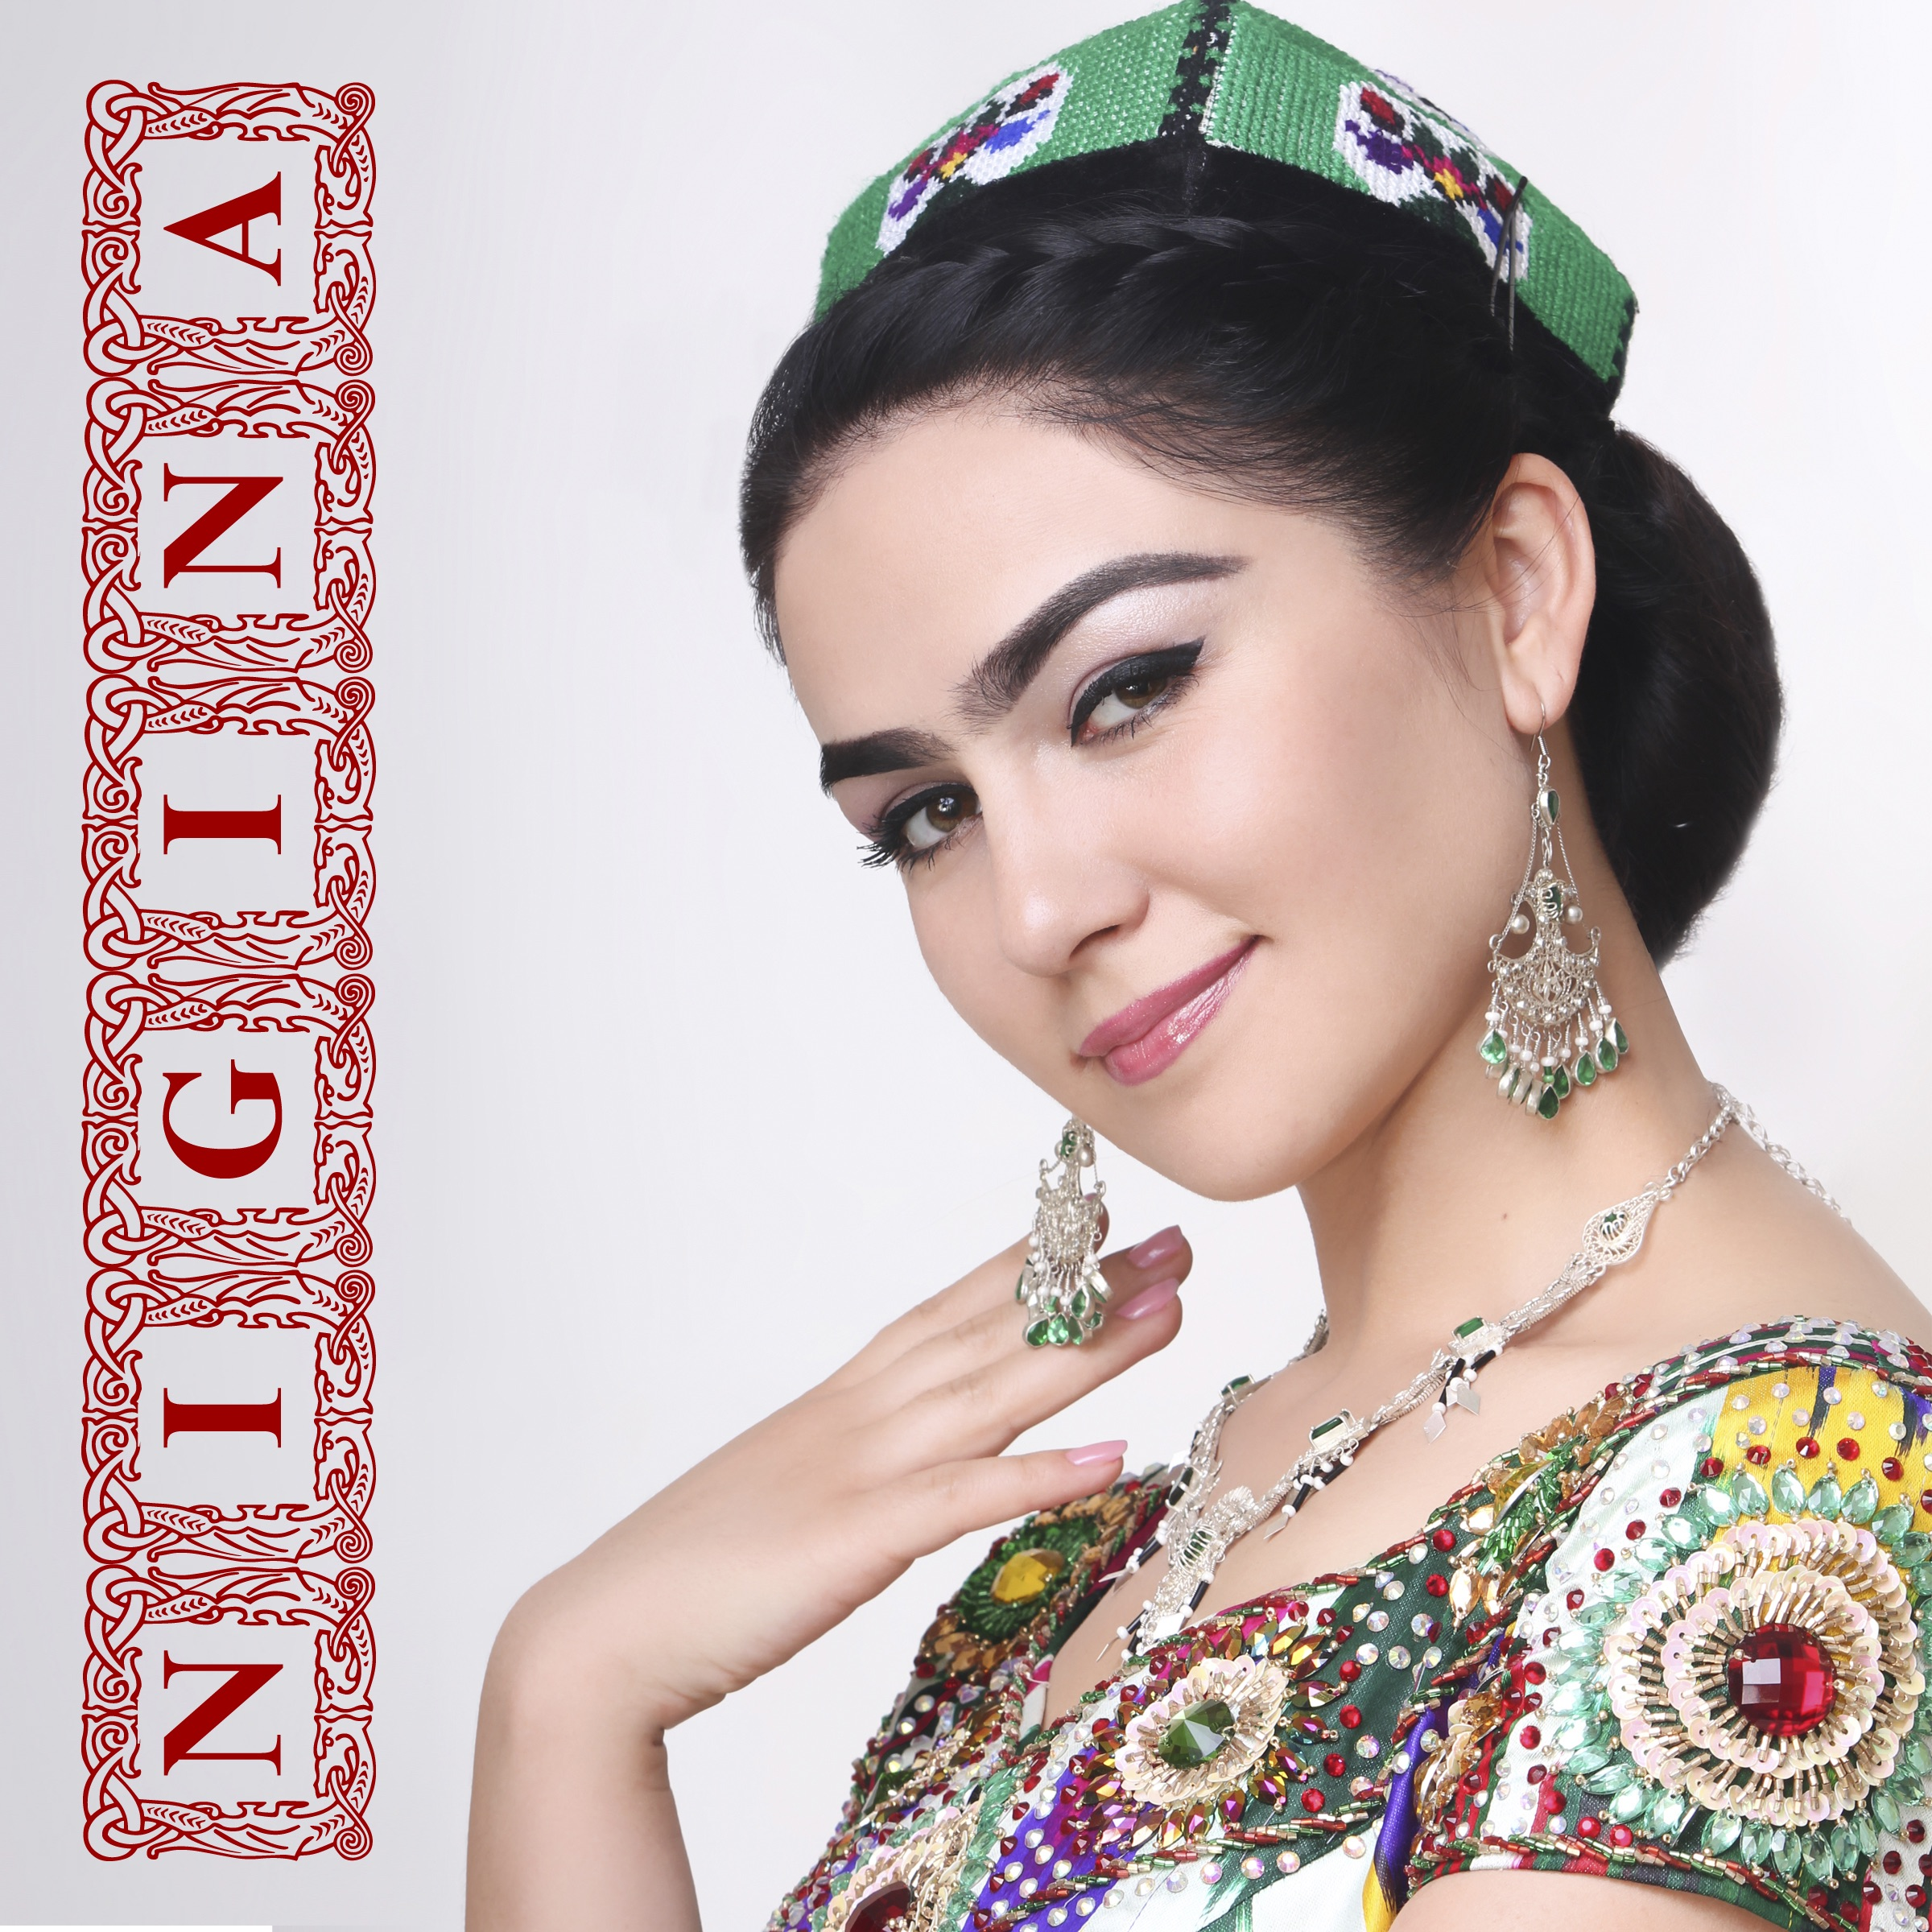 Фото красивых девушек таджикистана 7 фотография